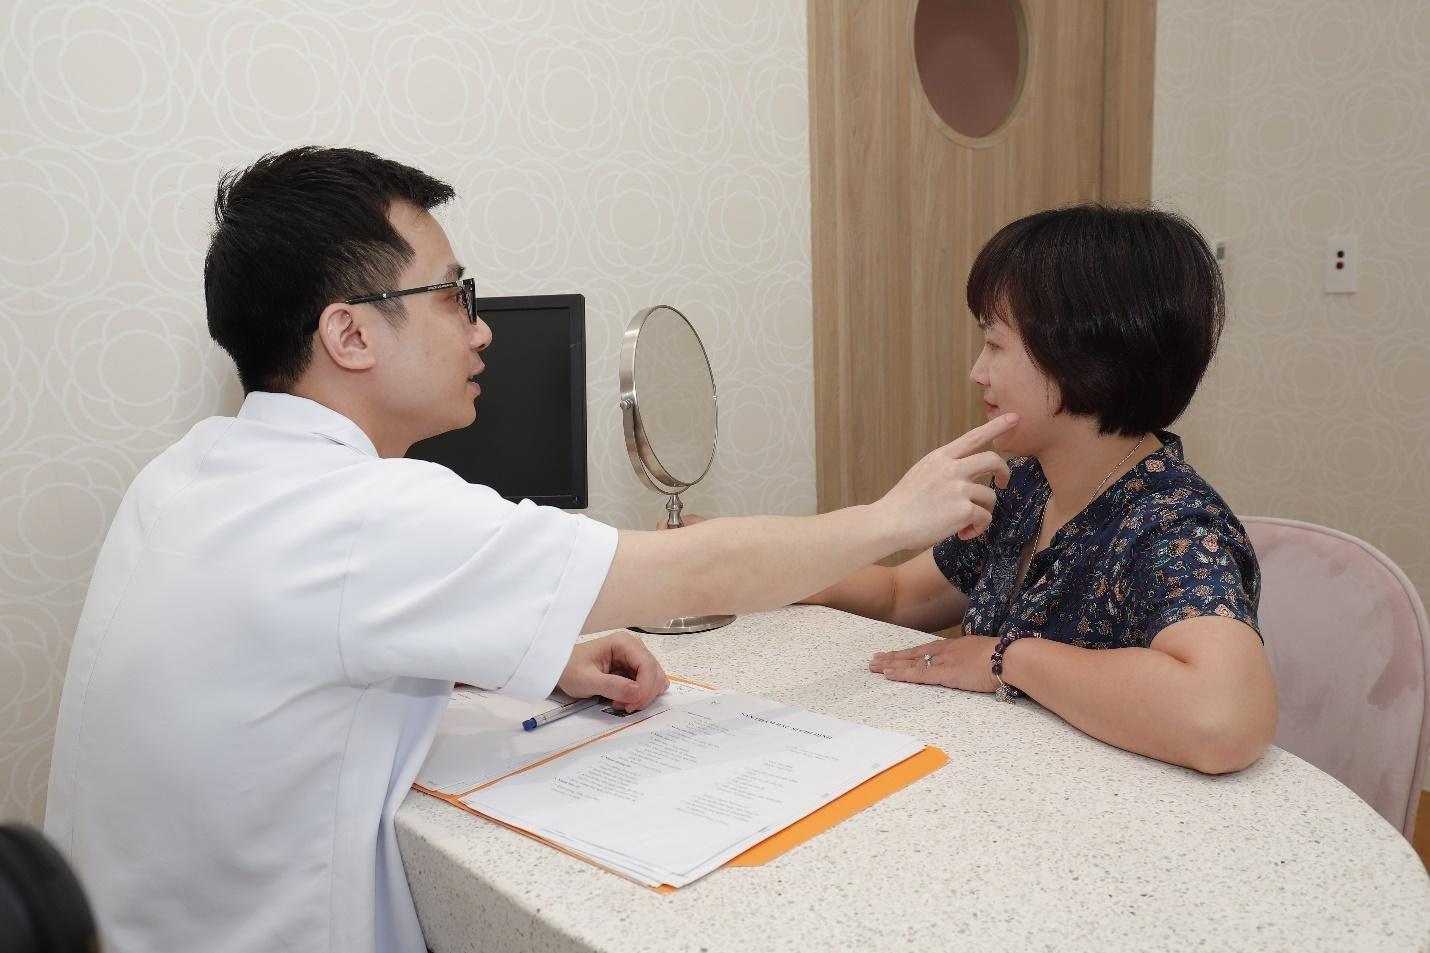 Bác sĩ khám và tư vấn cho khách hàng trước khi sử dụng sản phẩm và dịch vụ tại H&H